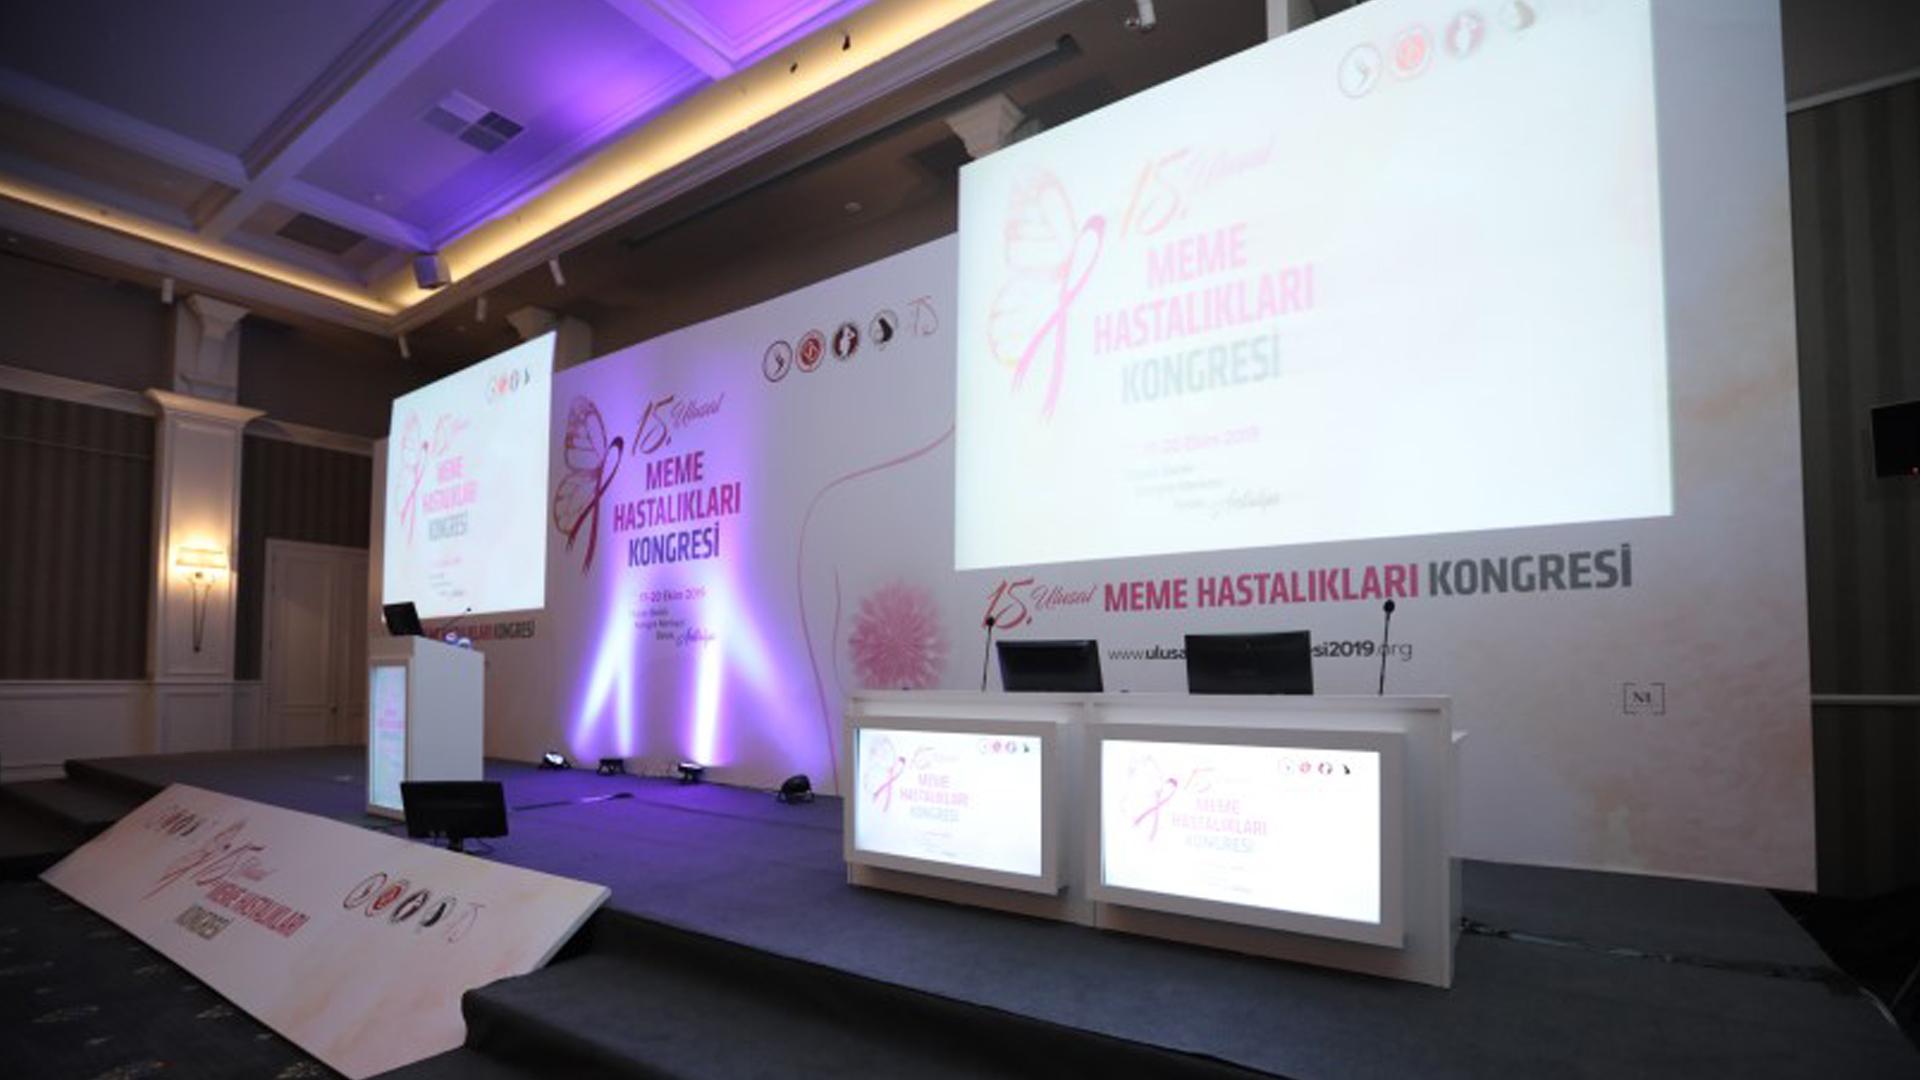 15. Ulusal Meme Hastalıkları Kongresi